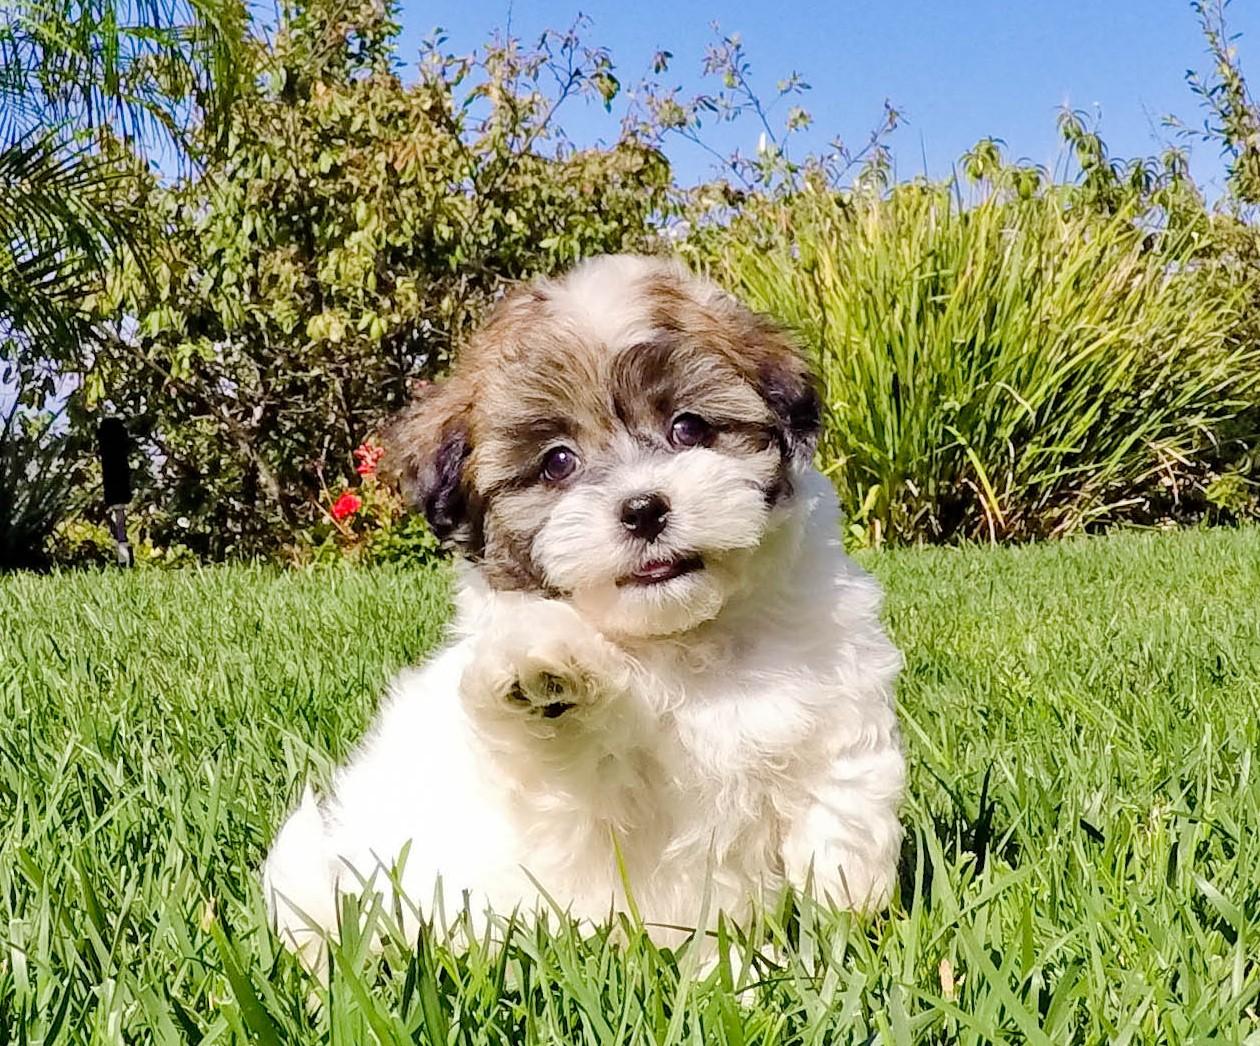 Craigslist Long Beach Pets For Sale